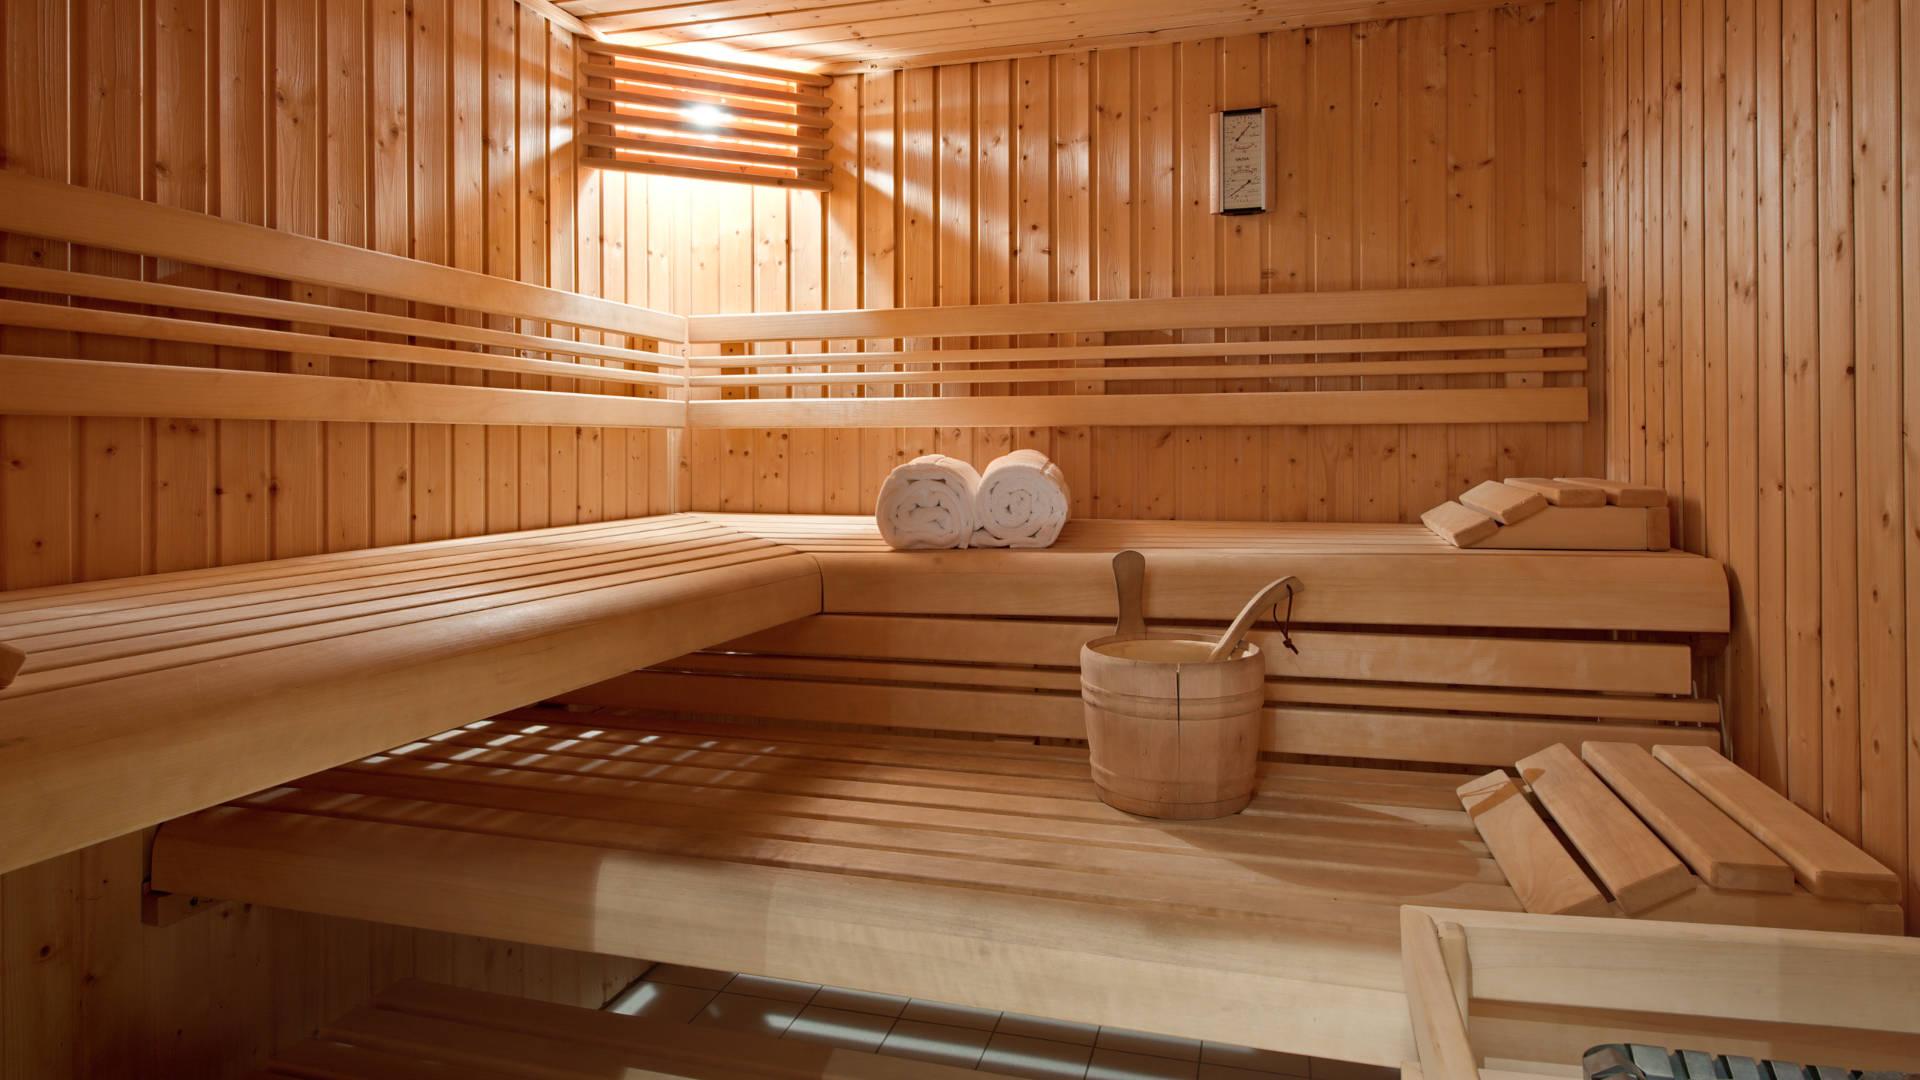 chalet-ect-sauna-2